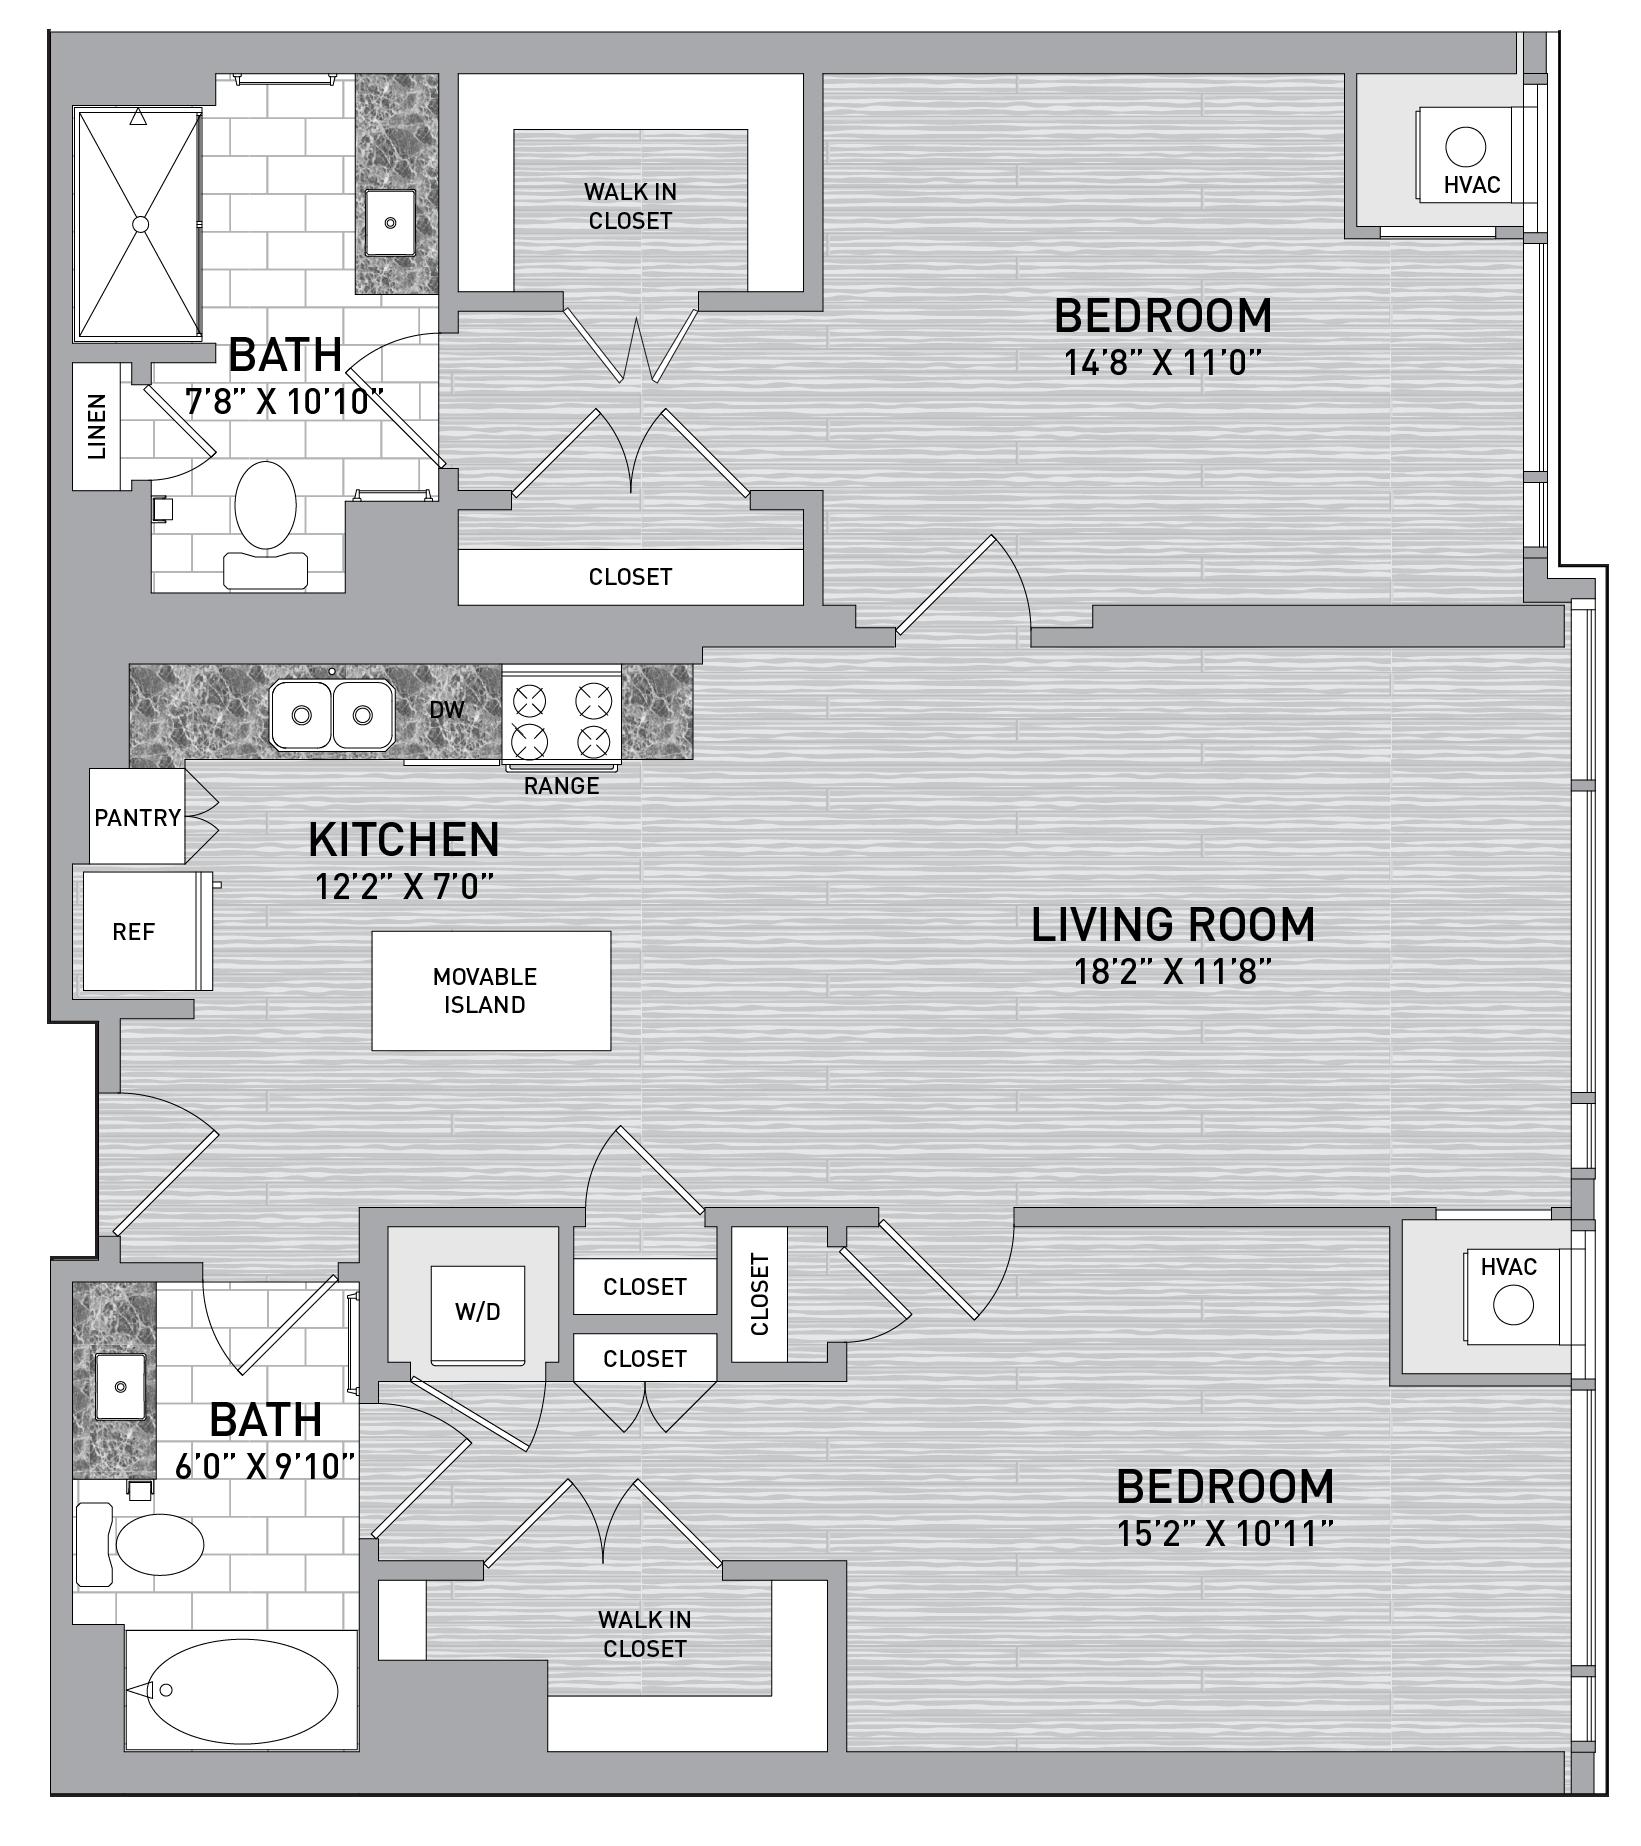 floorplan image of unit id 0531